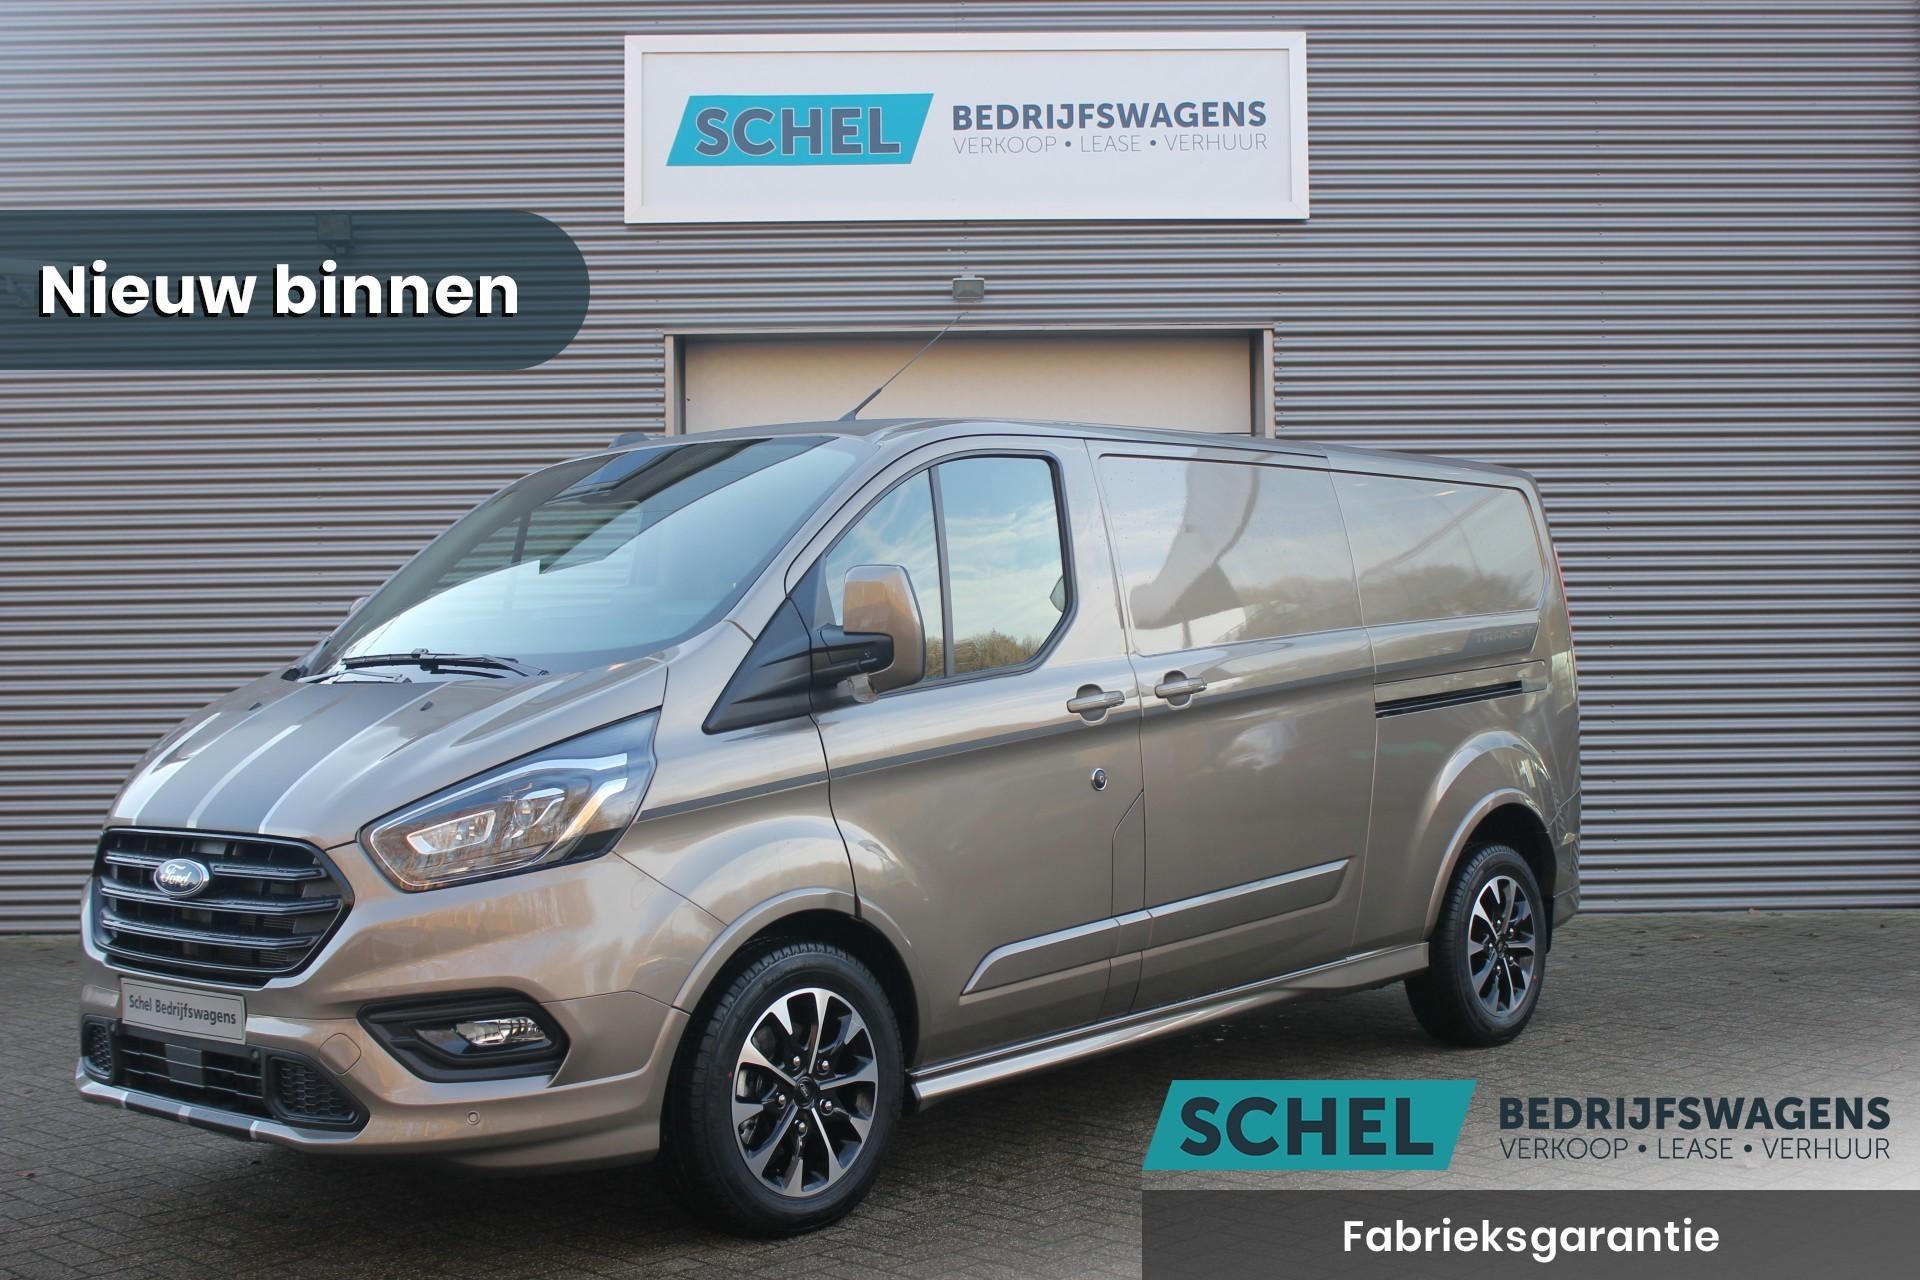 Autokopen.nl